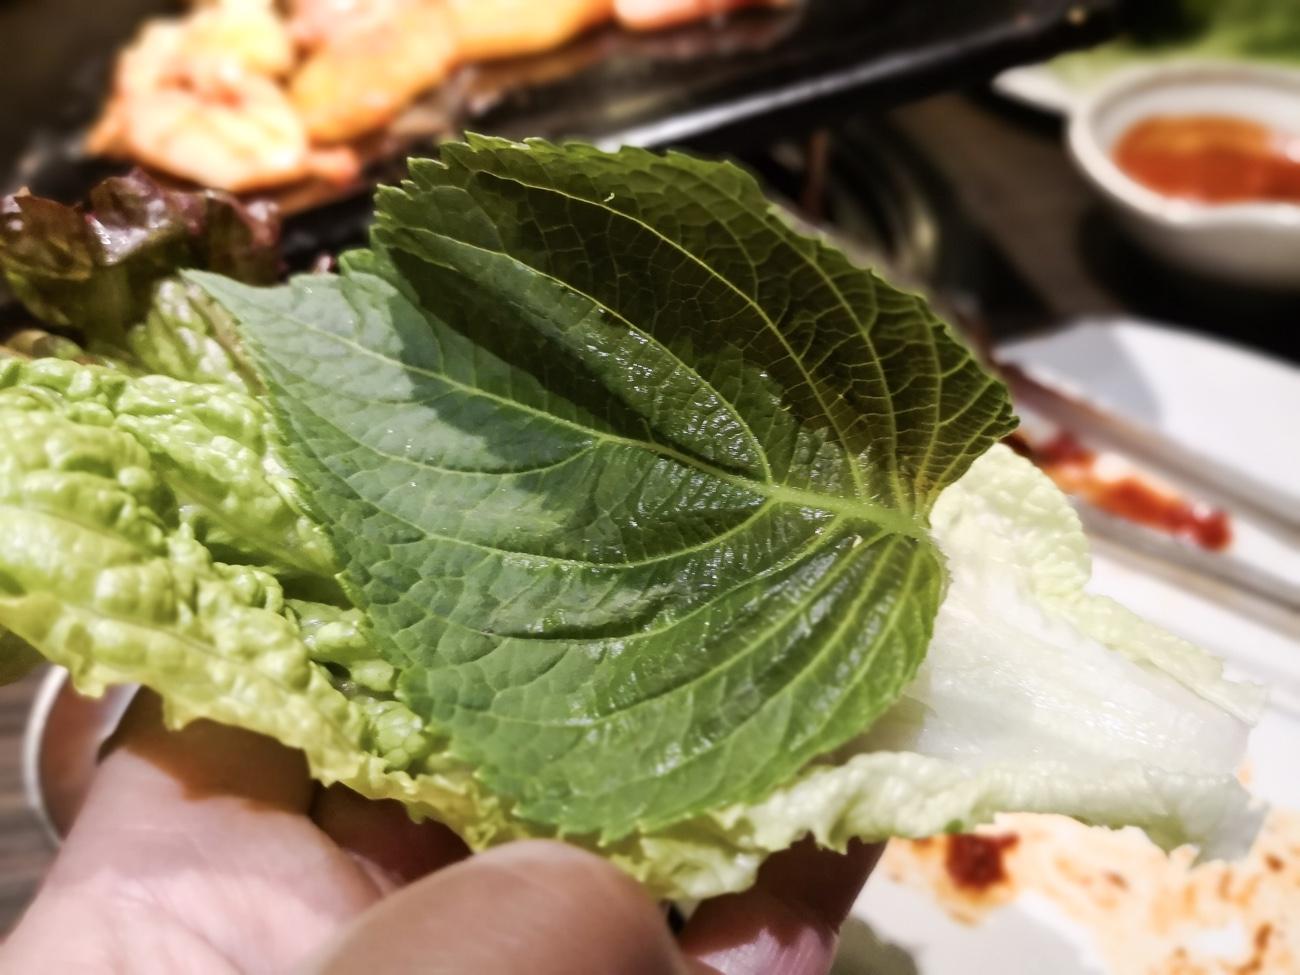 エゴマ食べ放題 バイキング プングムサムギョプサル